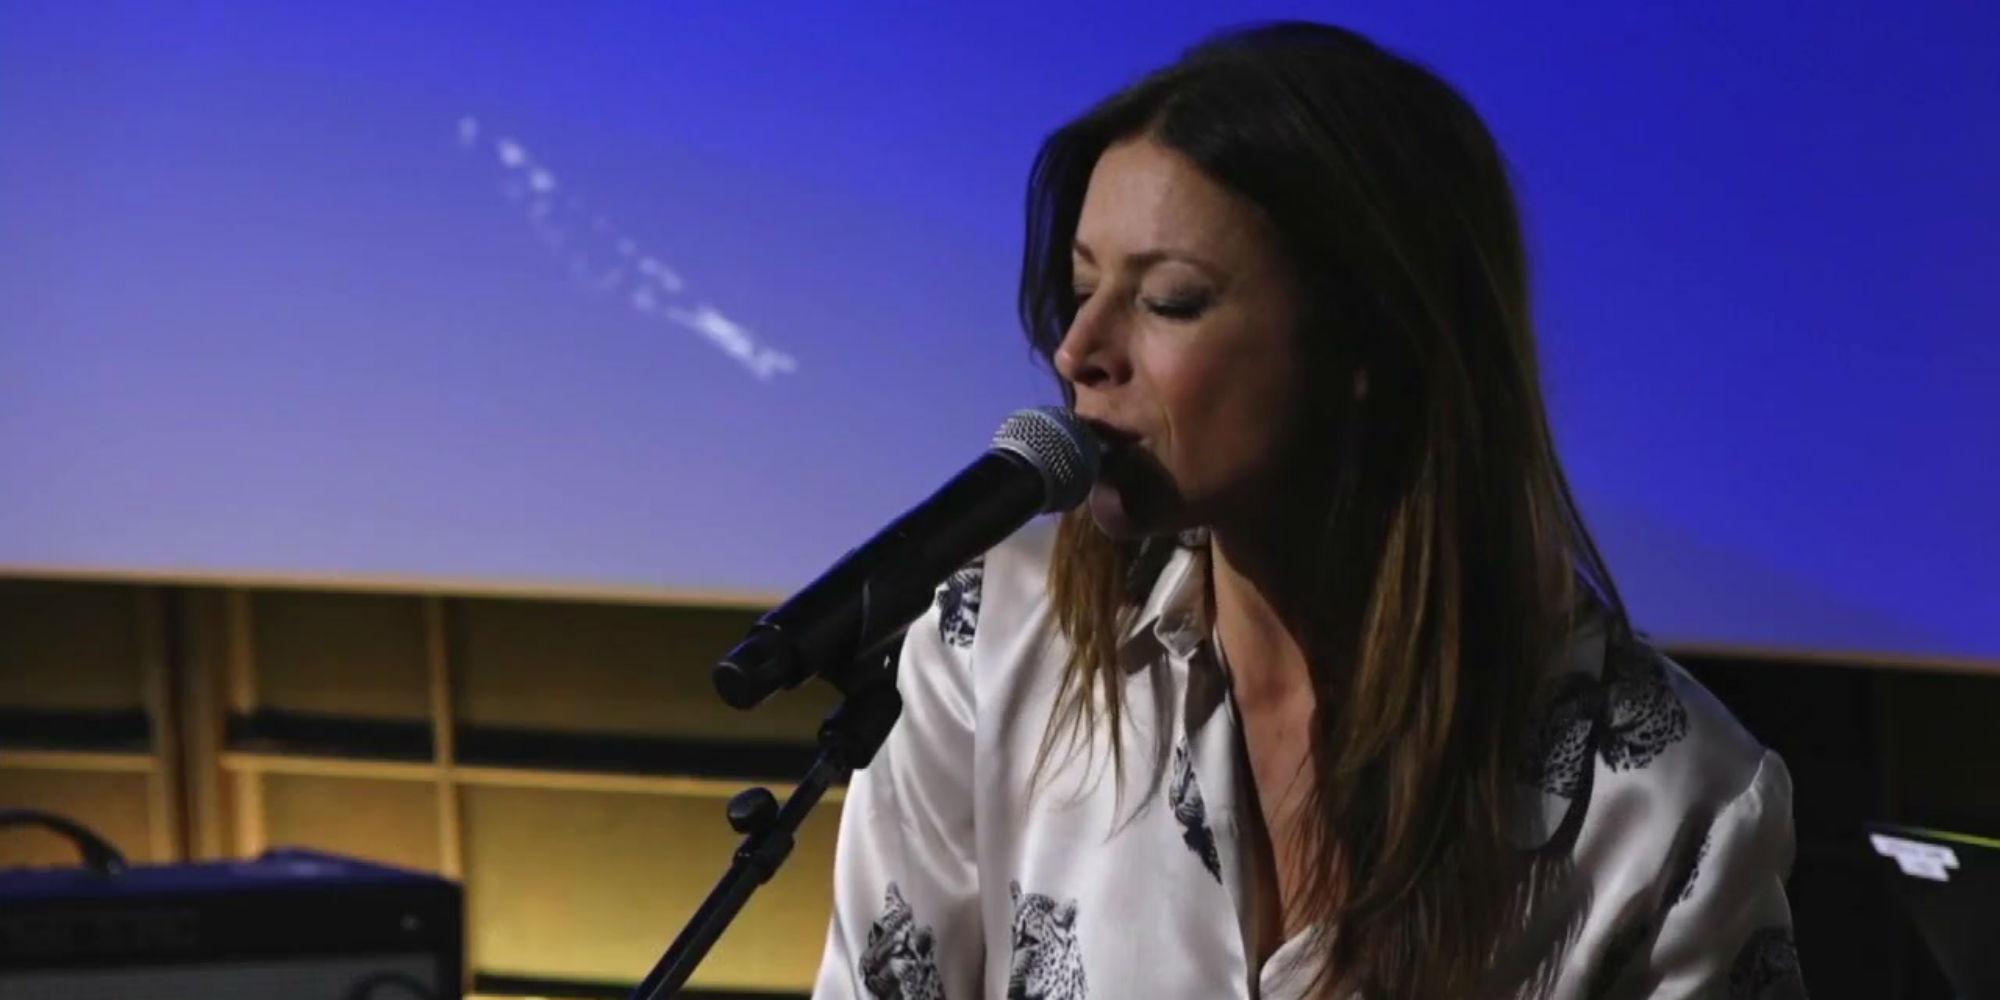 VIDÉO - Revivez le concert privé de Rose sur Europe 1